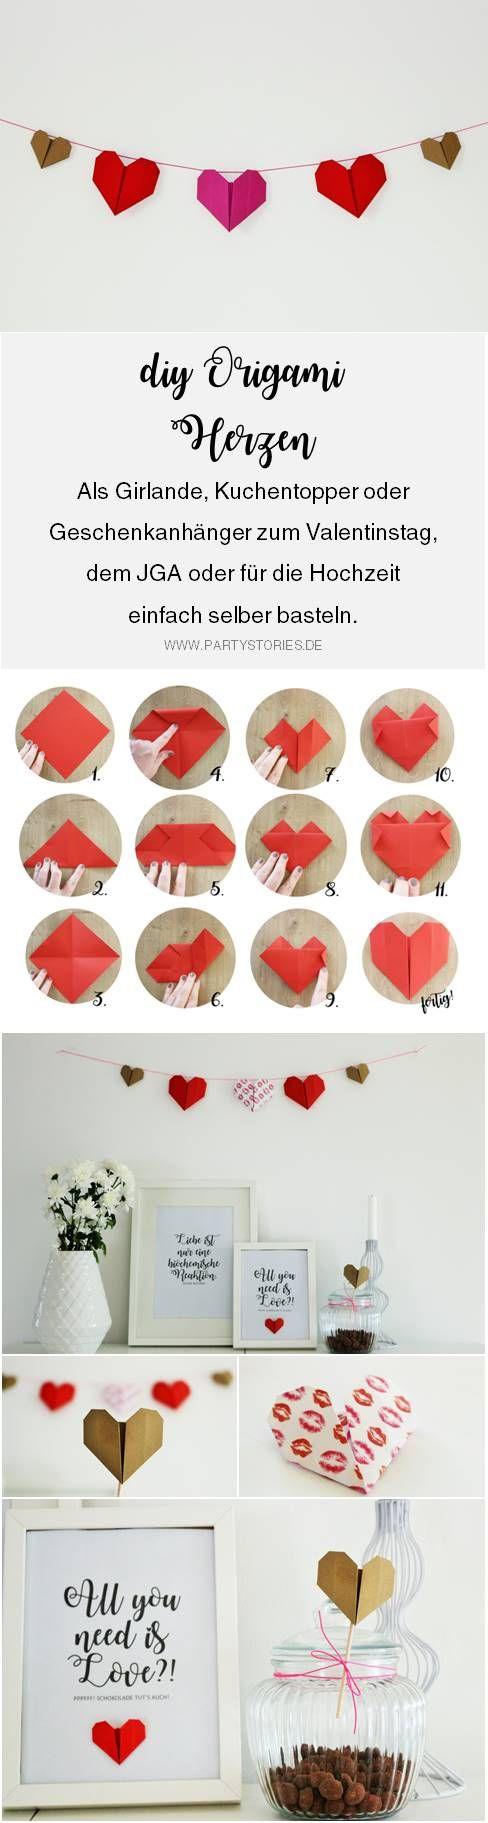 Anleitung für DIY Origami Herz #foldingnapkins